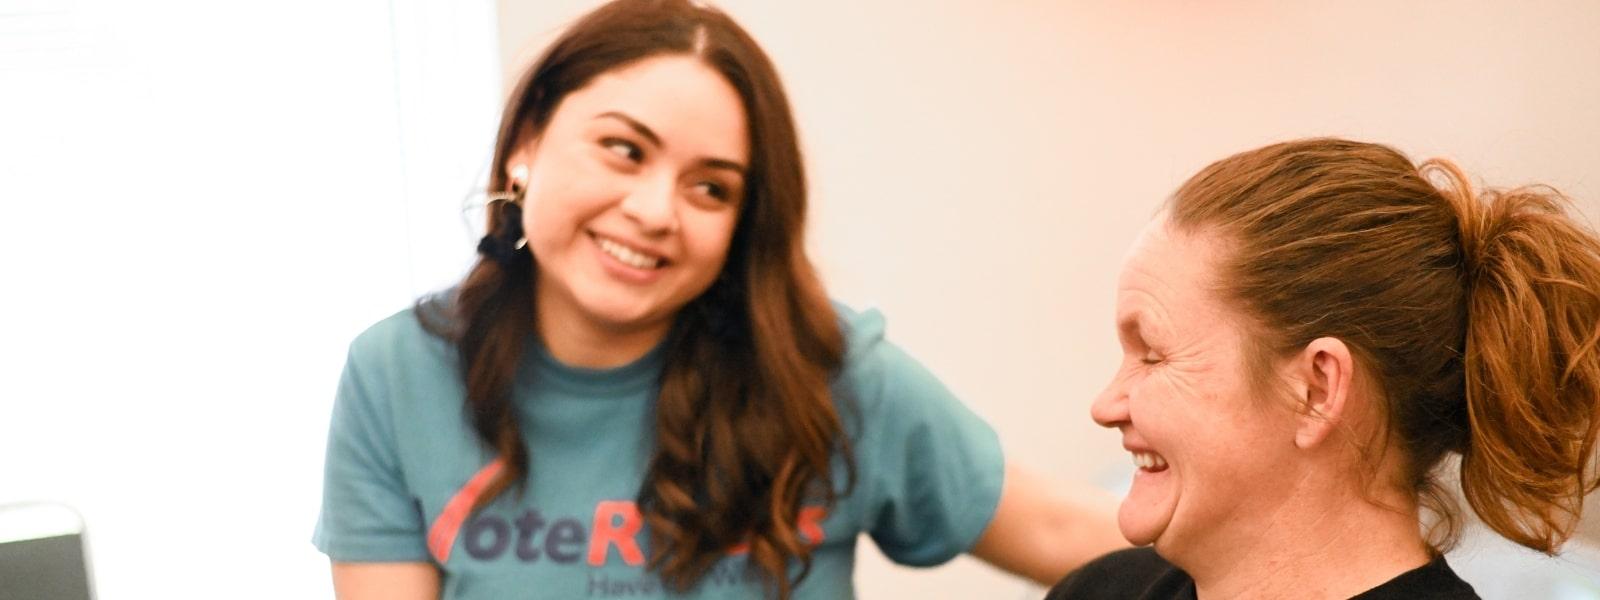 image: Jazlyn helps FL voter